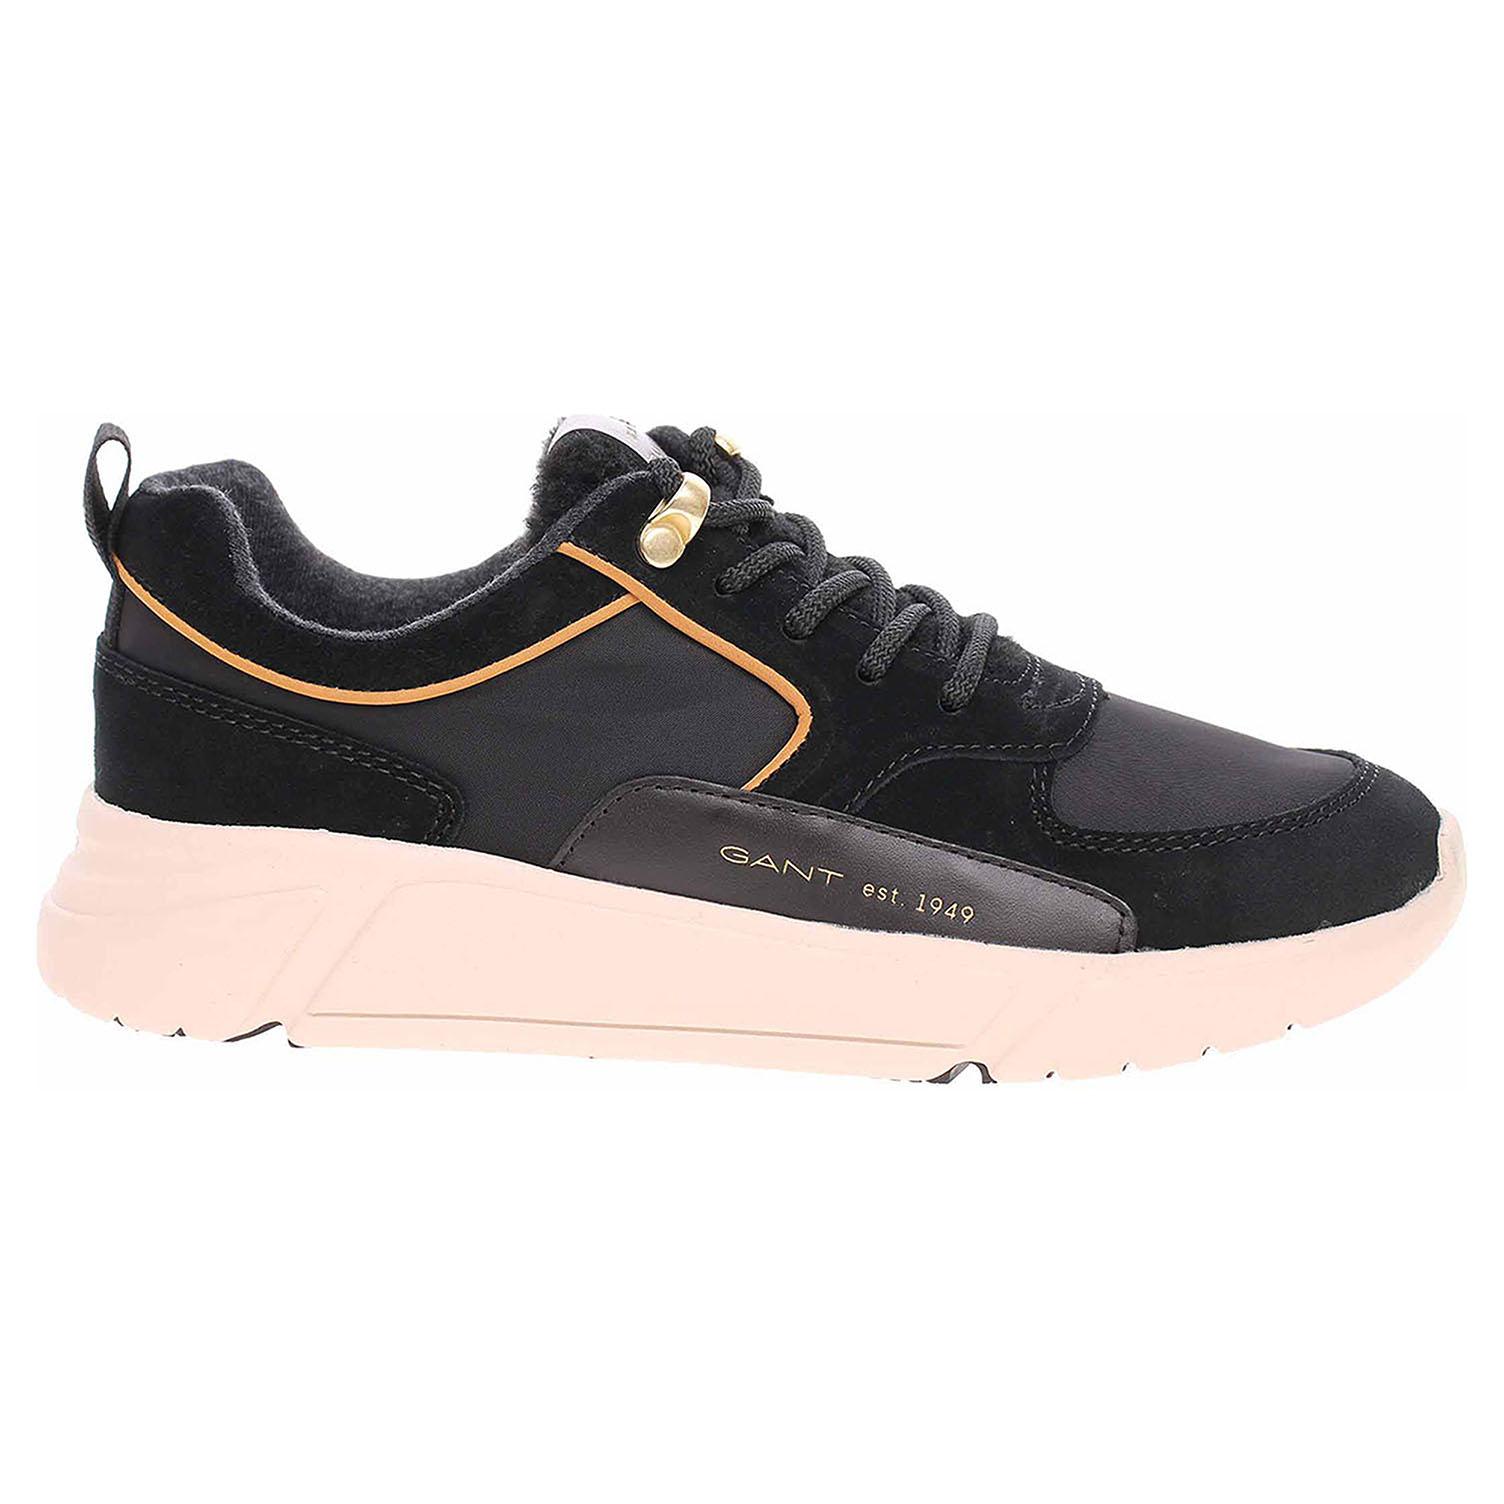 Dámská obuv Gant Cocoville 21533920 G00 black 21533920 G00 39